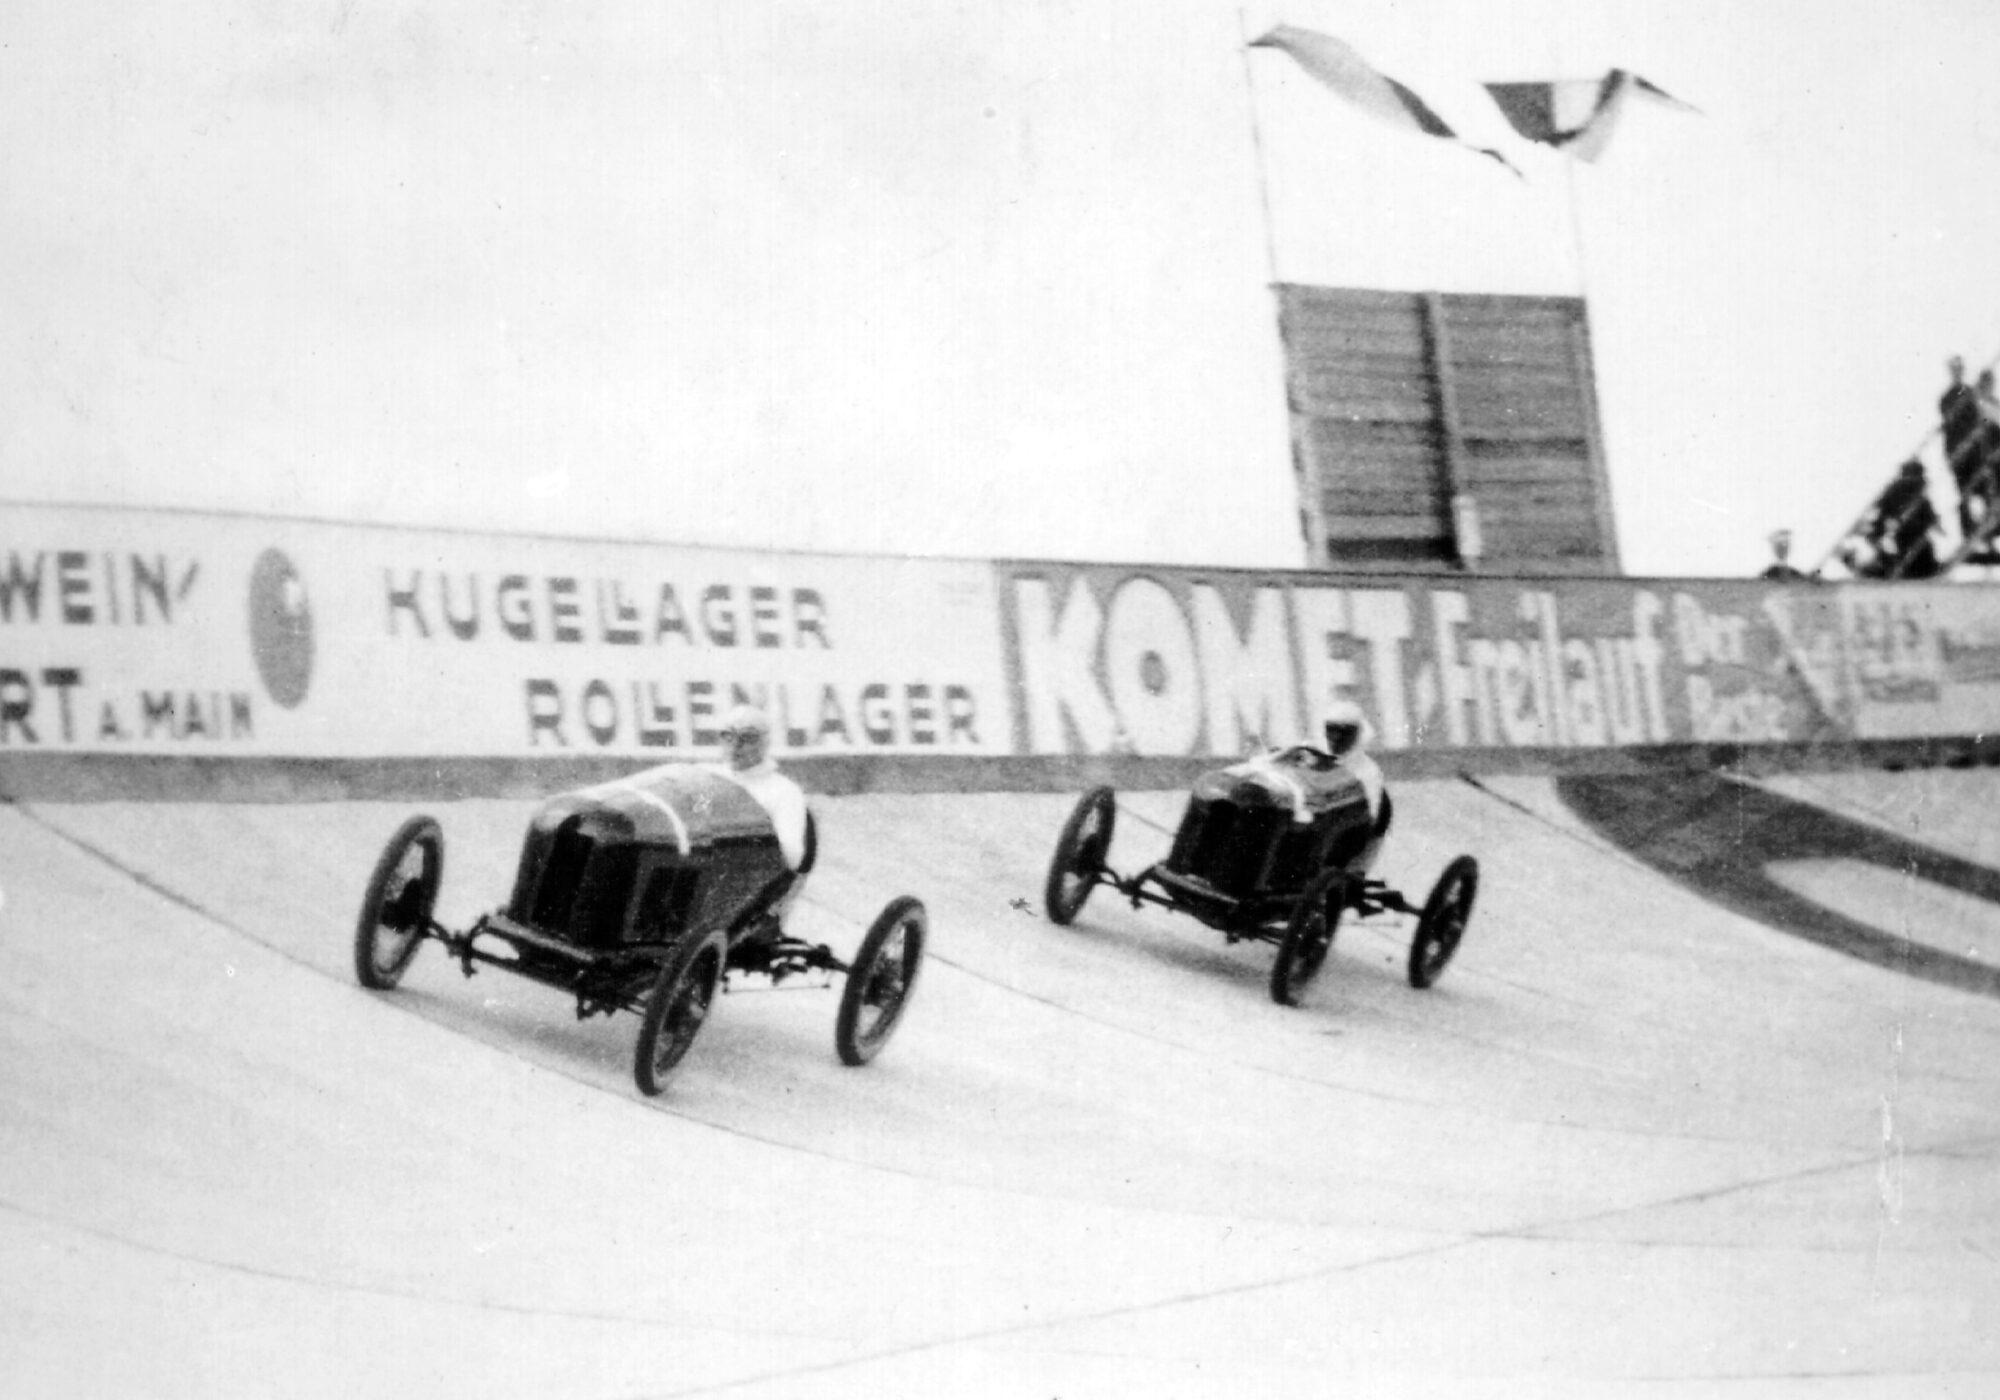 100 jaar geleden: de eerste autorace op de Opel Rennbahn